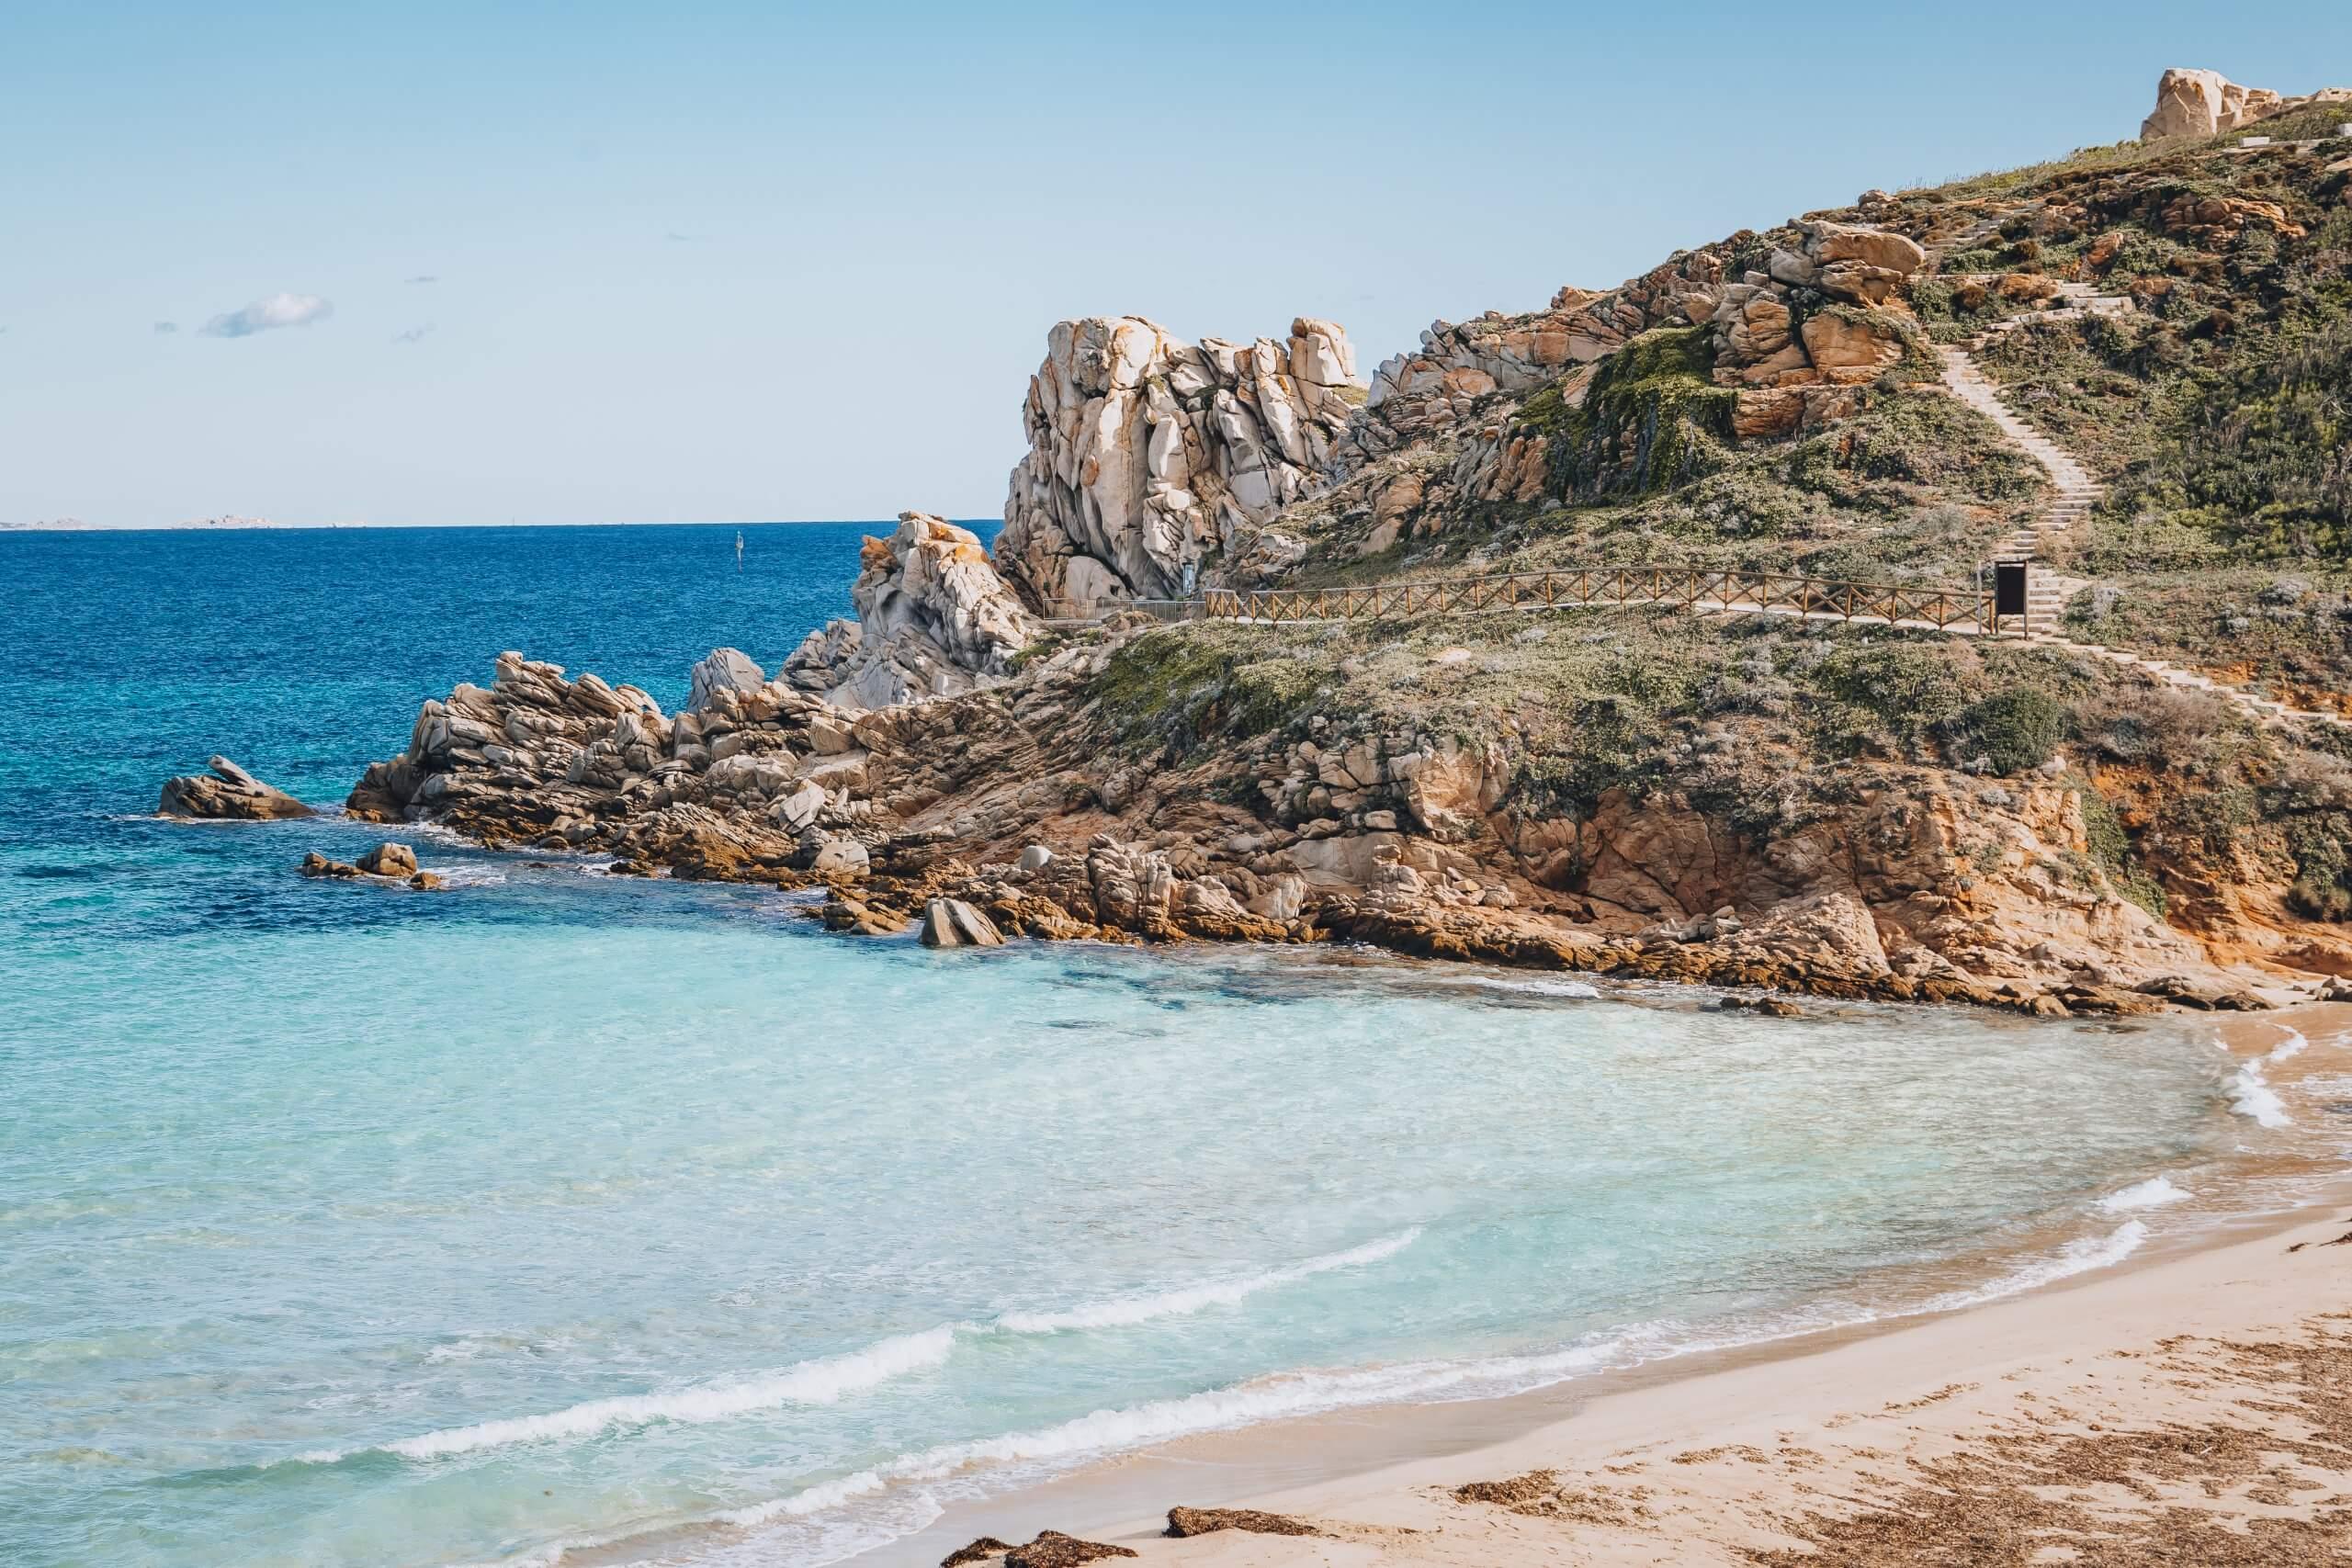 die wunderschöne Spiaggia Rena Bianca in Santa Teresa di Gallura